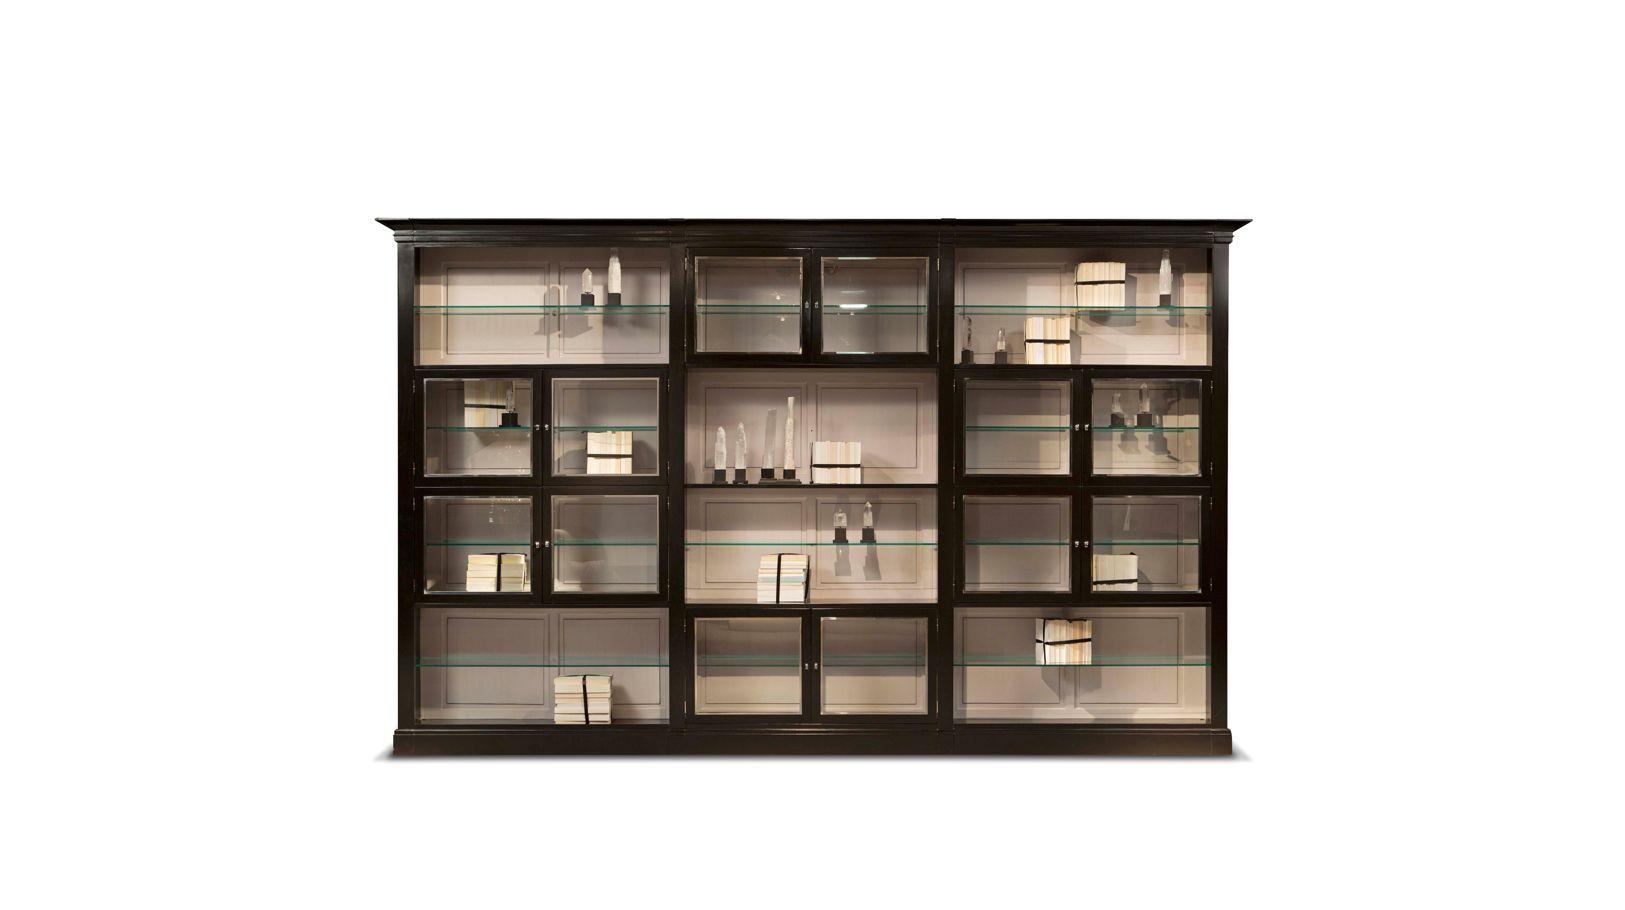 Libreria 3 elementi 5 me avenue collezione nouveaux for Libreria roche bobois